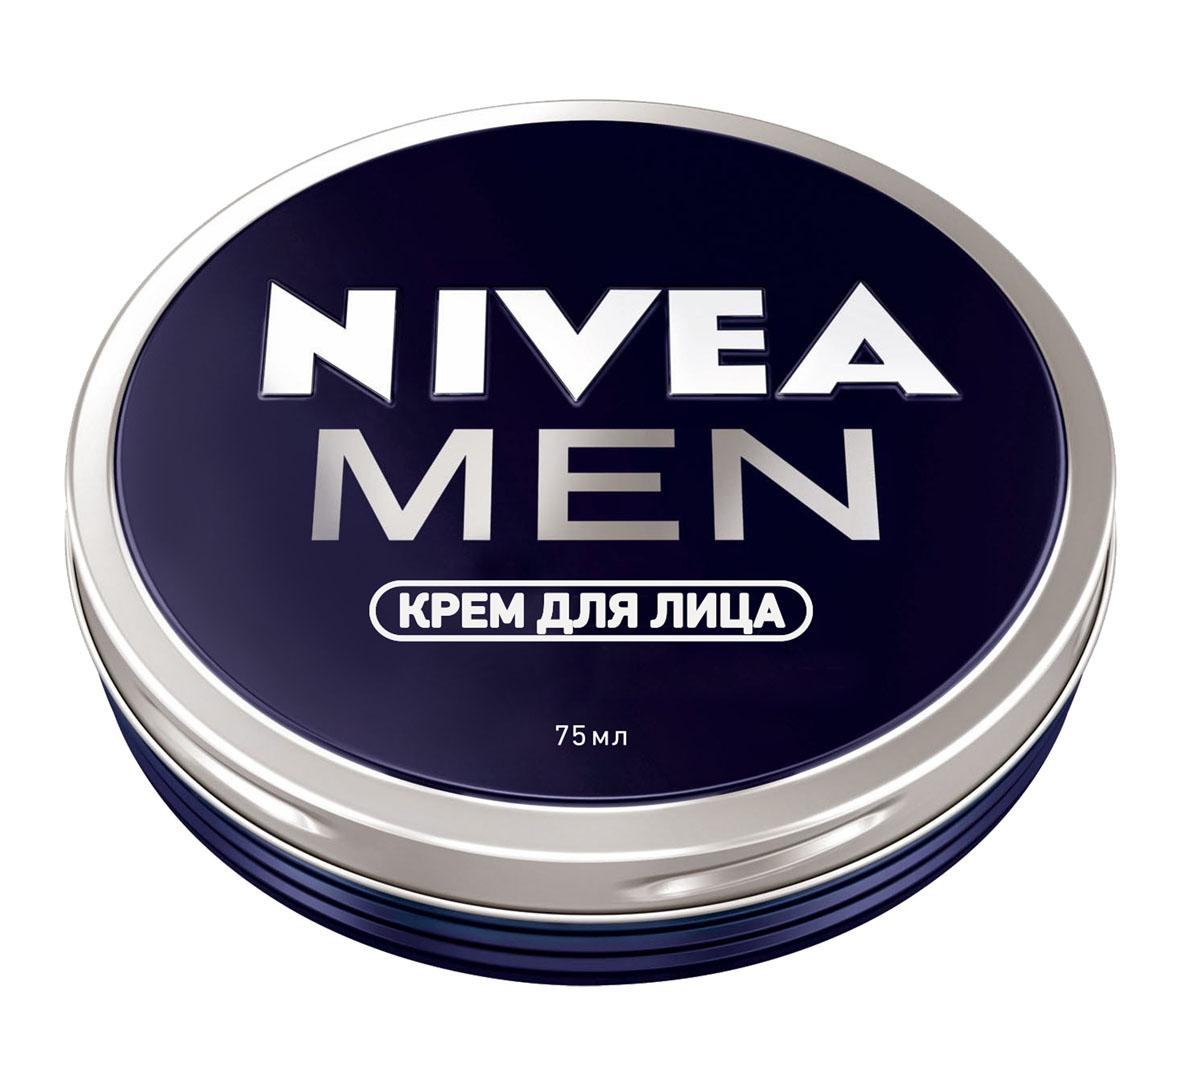 NIVEA Крем для лица для мужчин 75 мл1004505Разработан специально для мужской кожи с учетом ее особенностейЭффективное увлажнение и защита от сухости кожилегкая текстура быстро впитывается